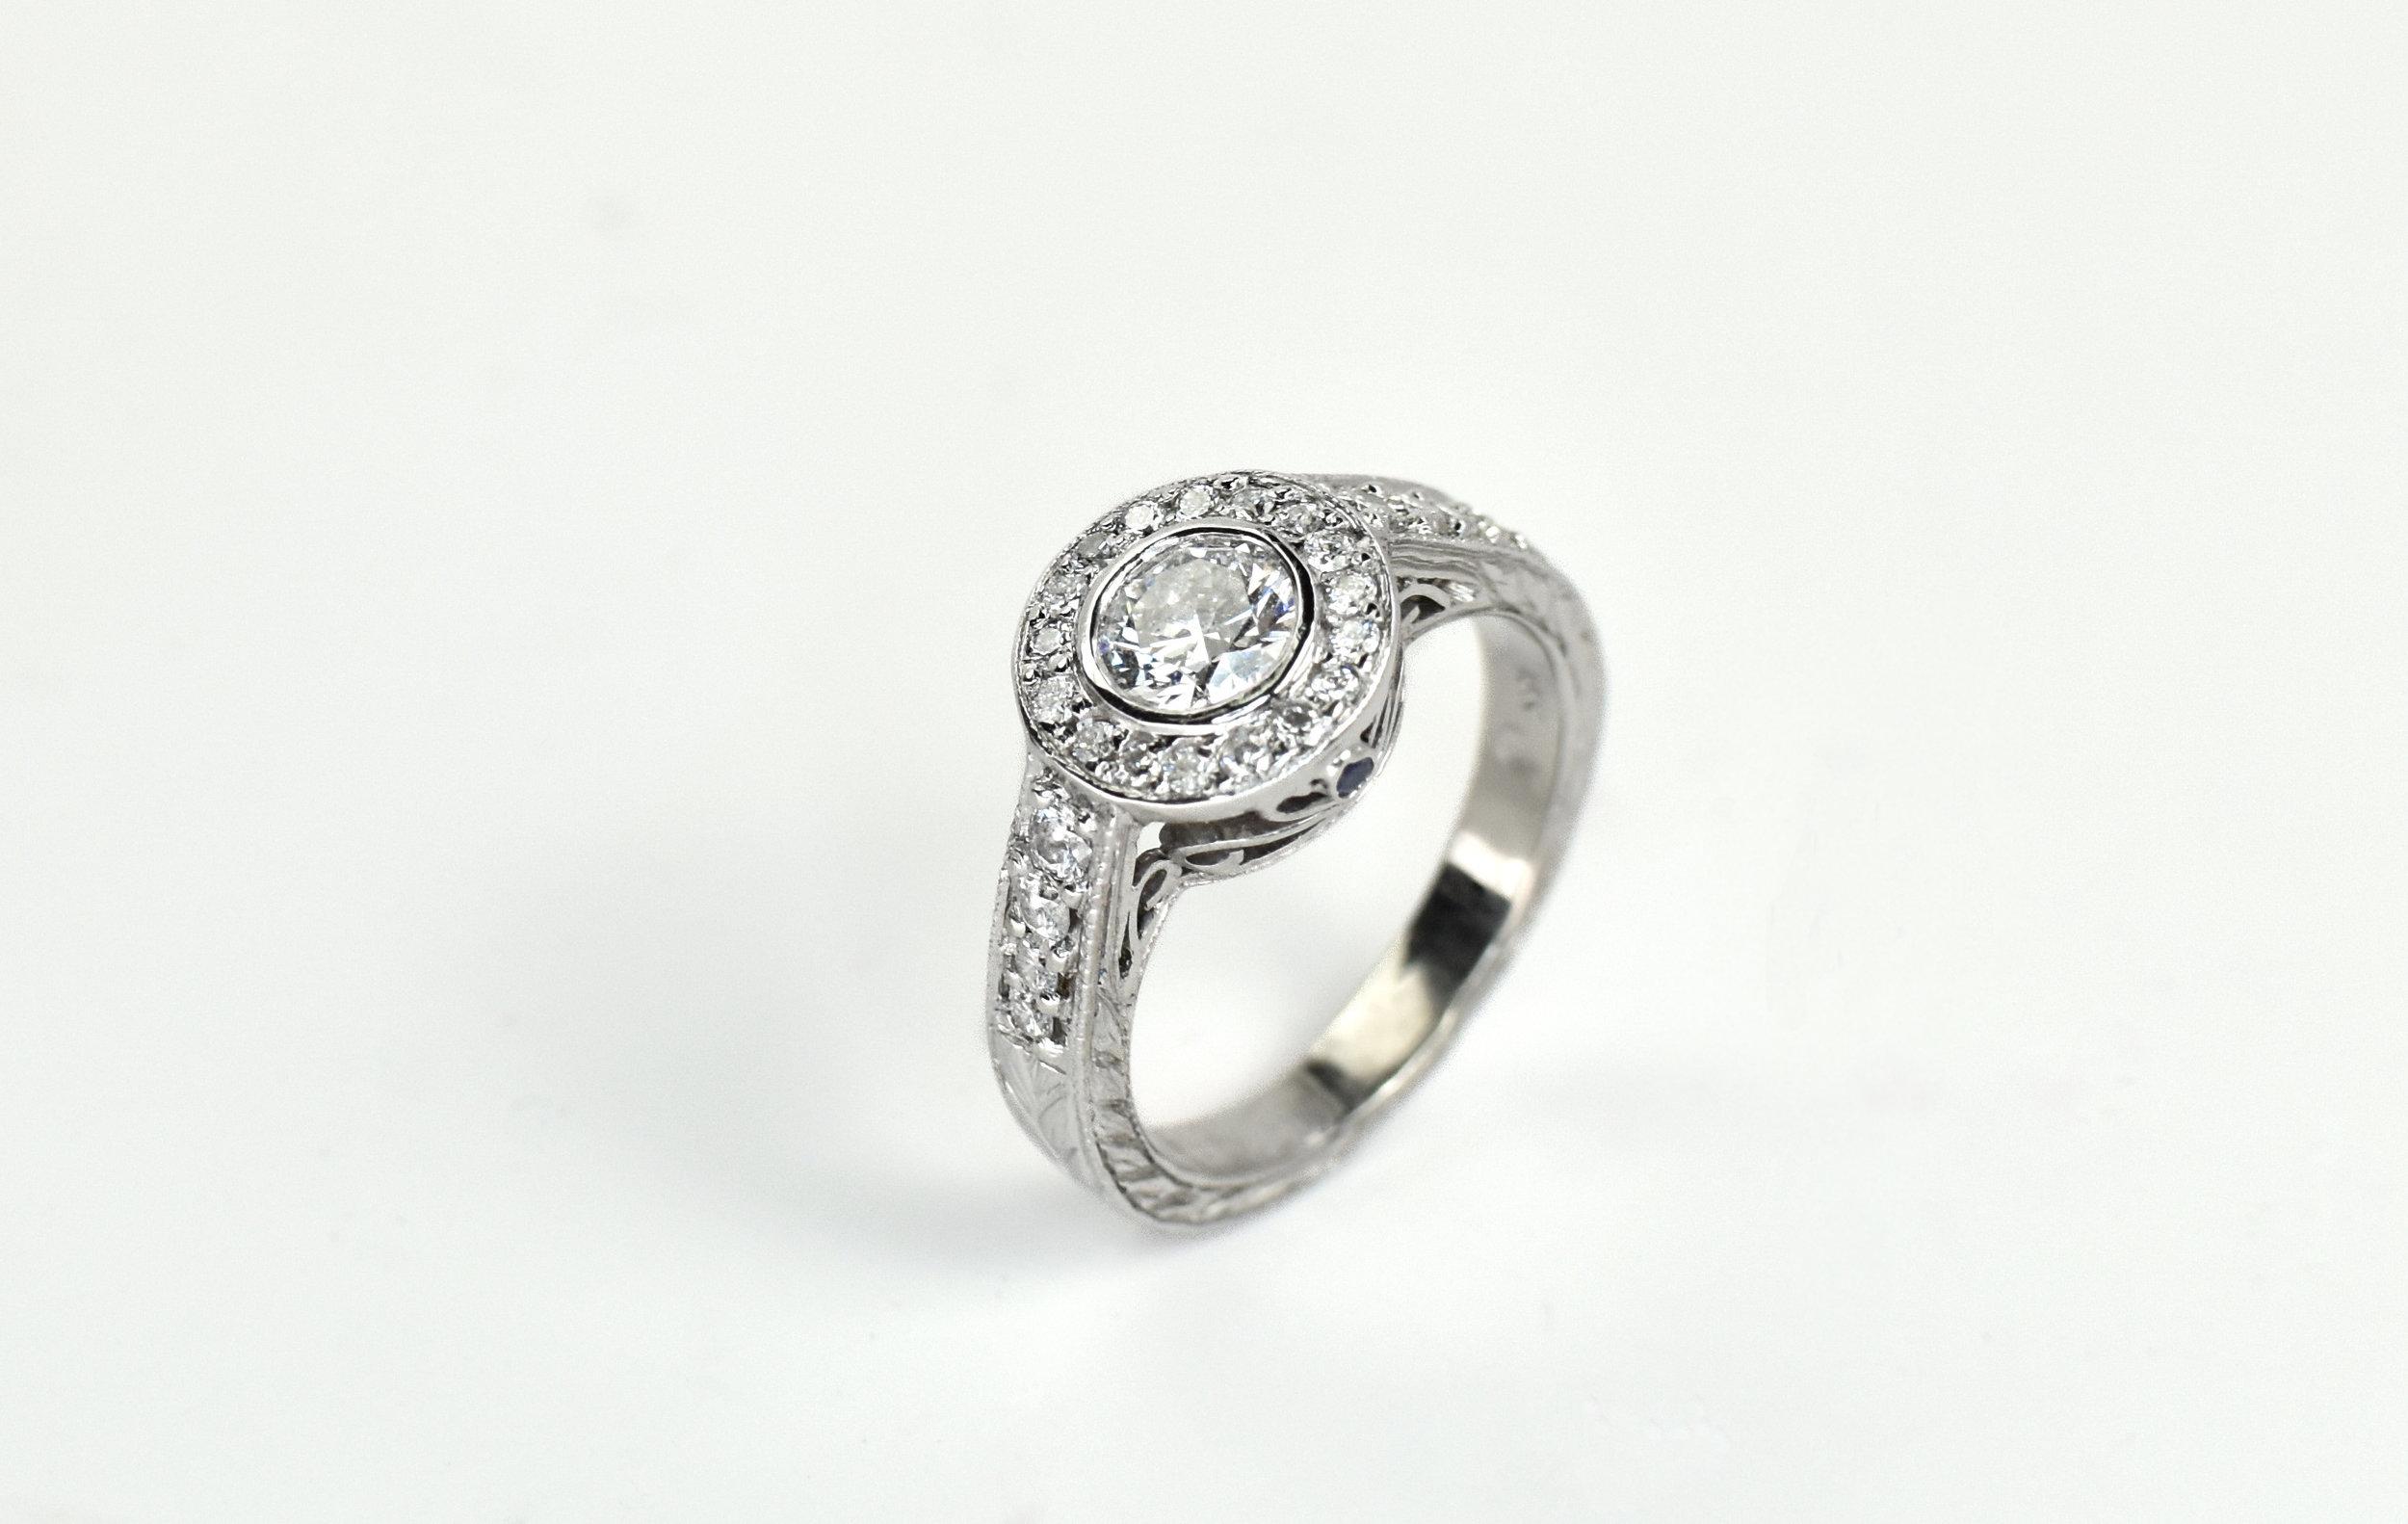 Bezel Set Engagement Ring with Halo